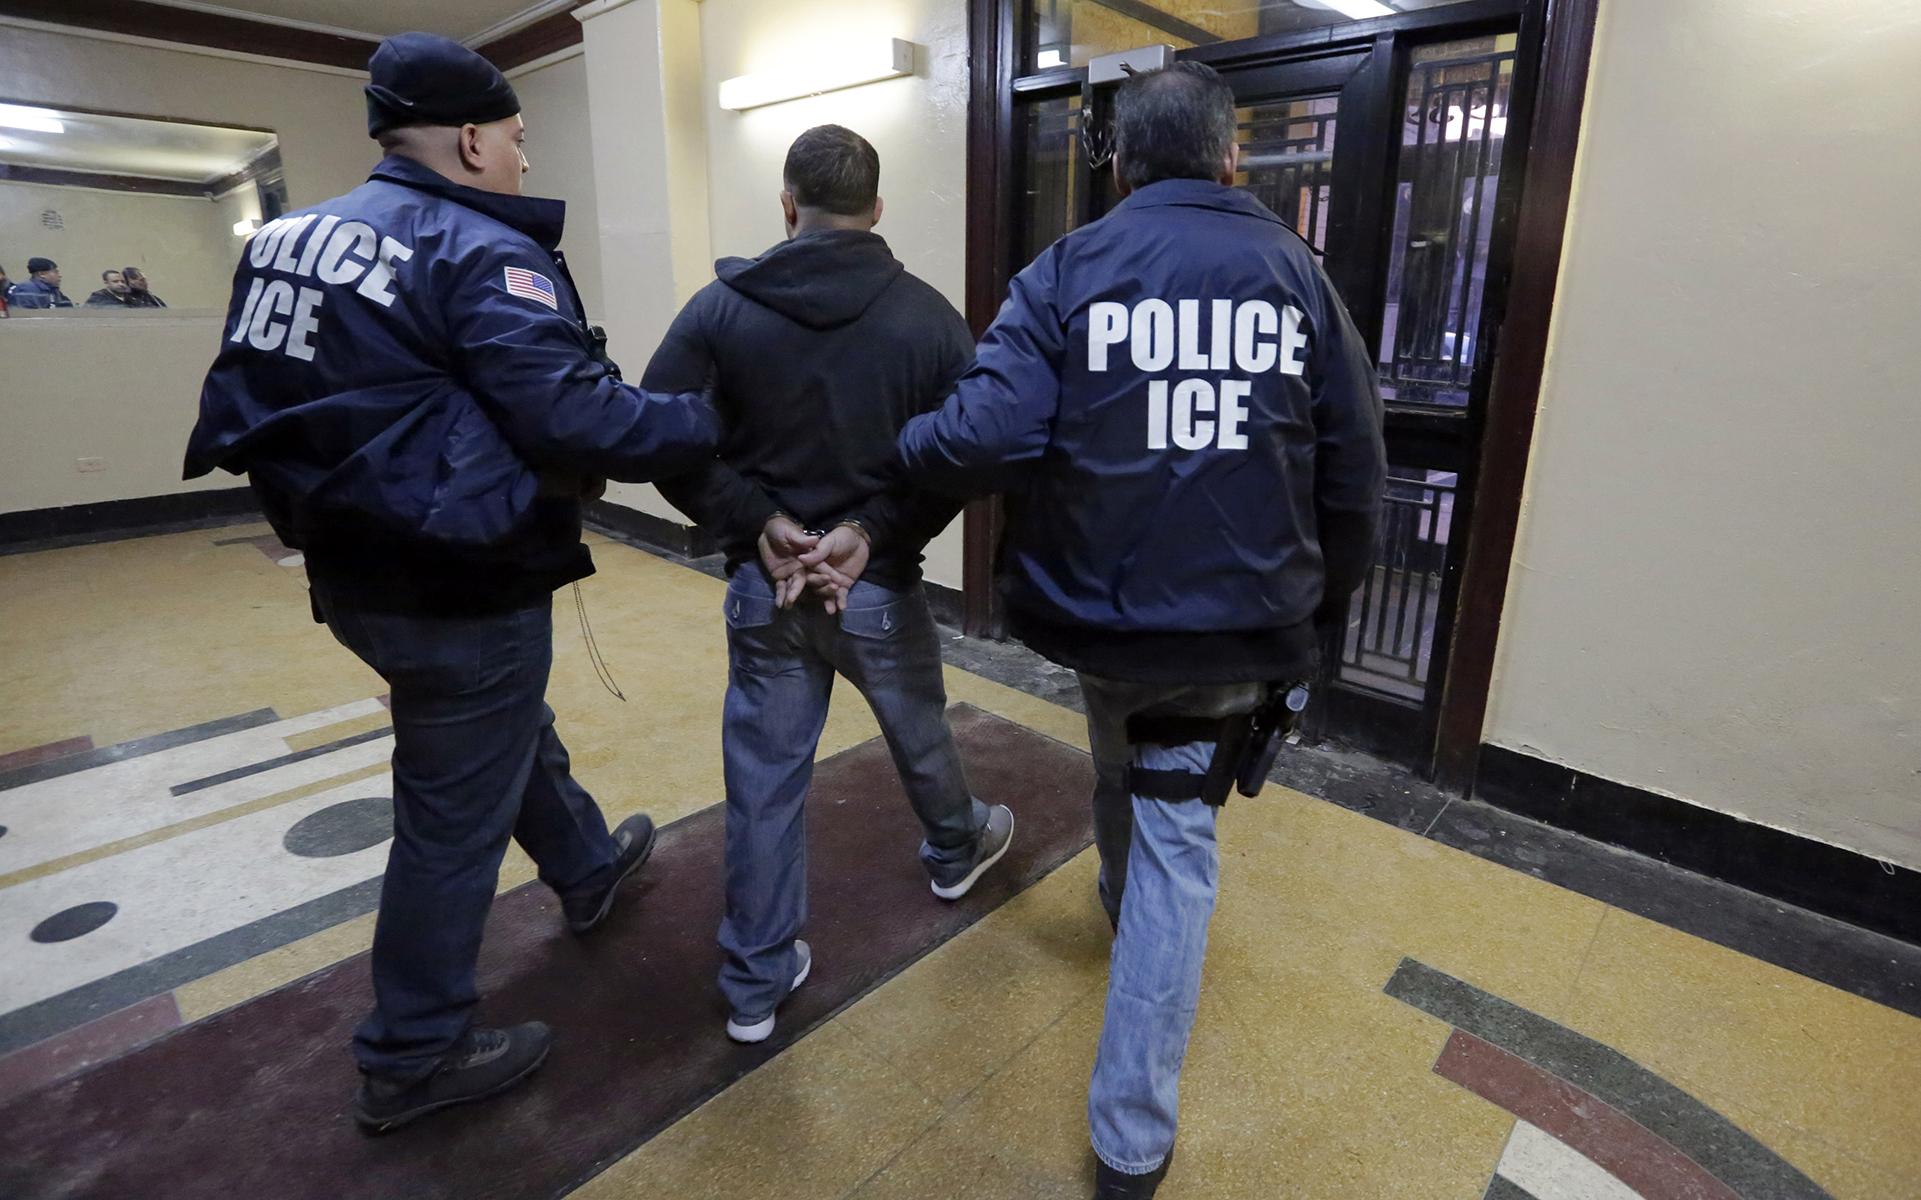 Иммиграционные службы решили депортировать нелегалов, желающих изменить статус. Фото: ramonherrerareporting.com